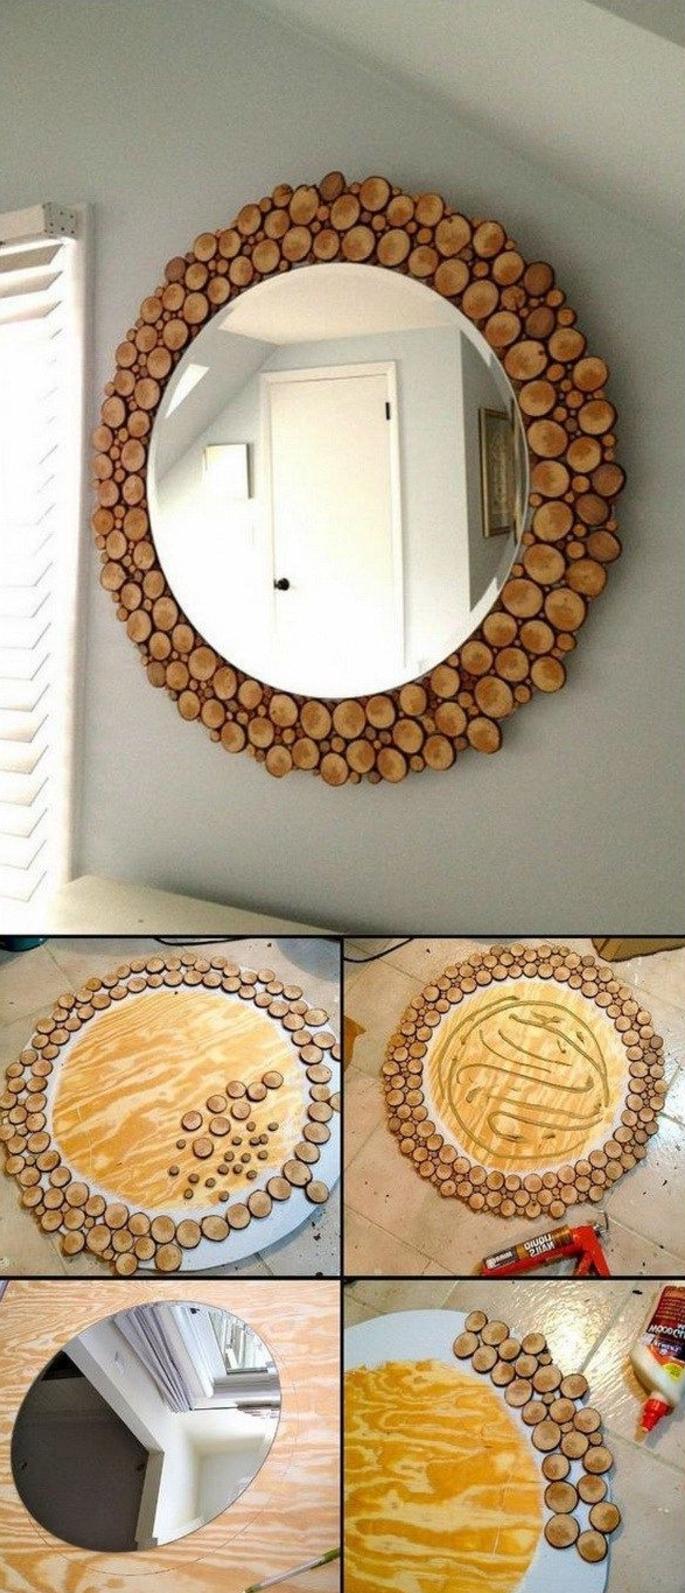 runde spiegel landao wei rund wandspiegel runder spiegel holz bambus deko hell ebay with runde. Black Bedroom Furniture Sets. Home Design Ideas